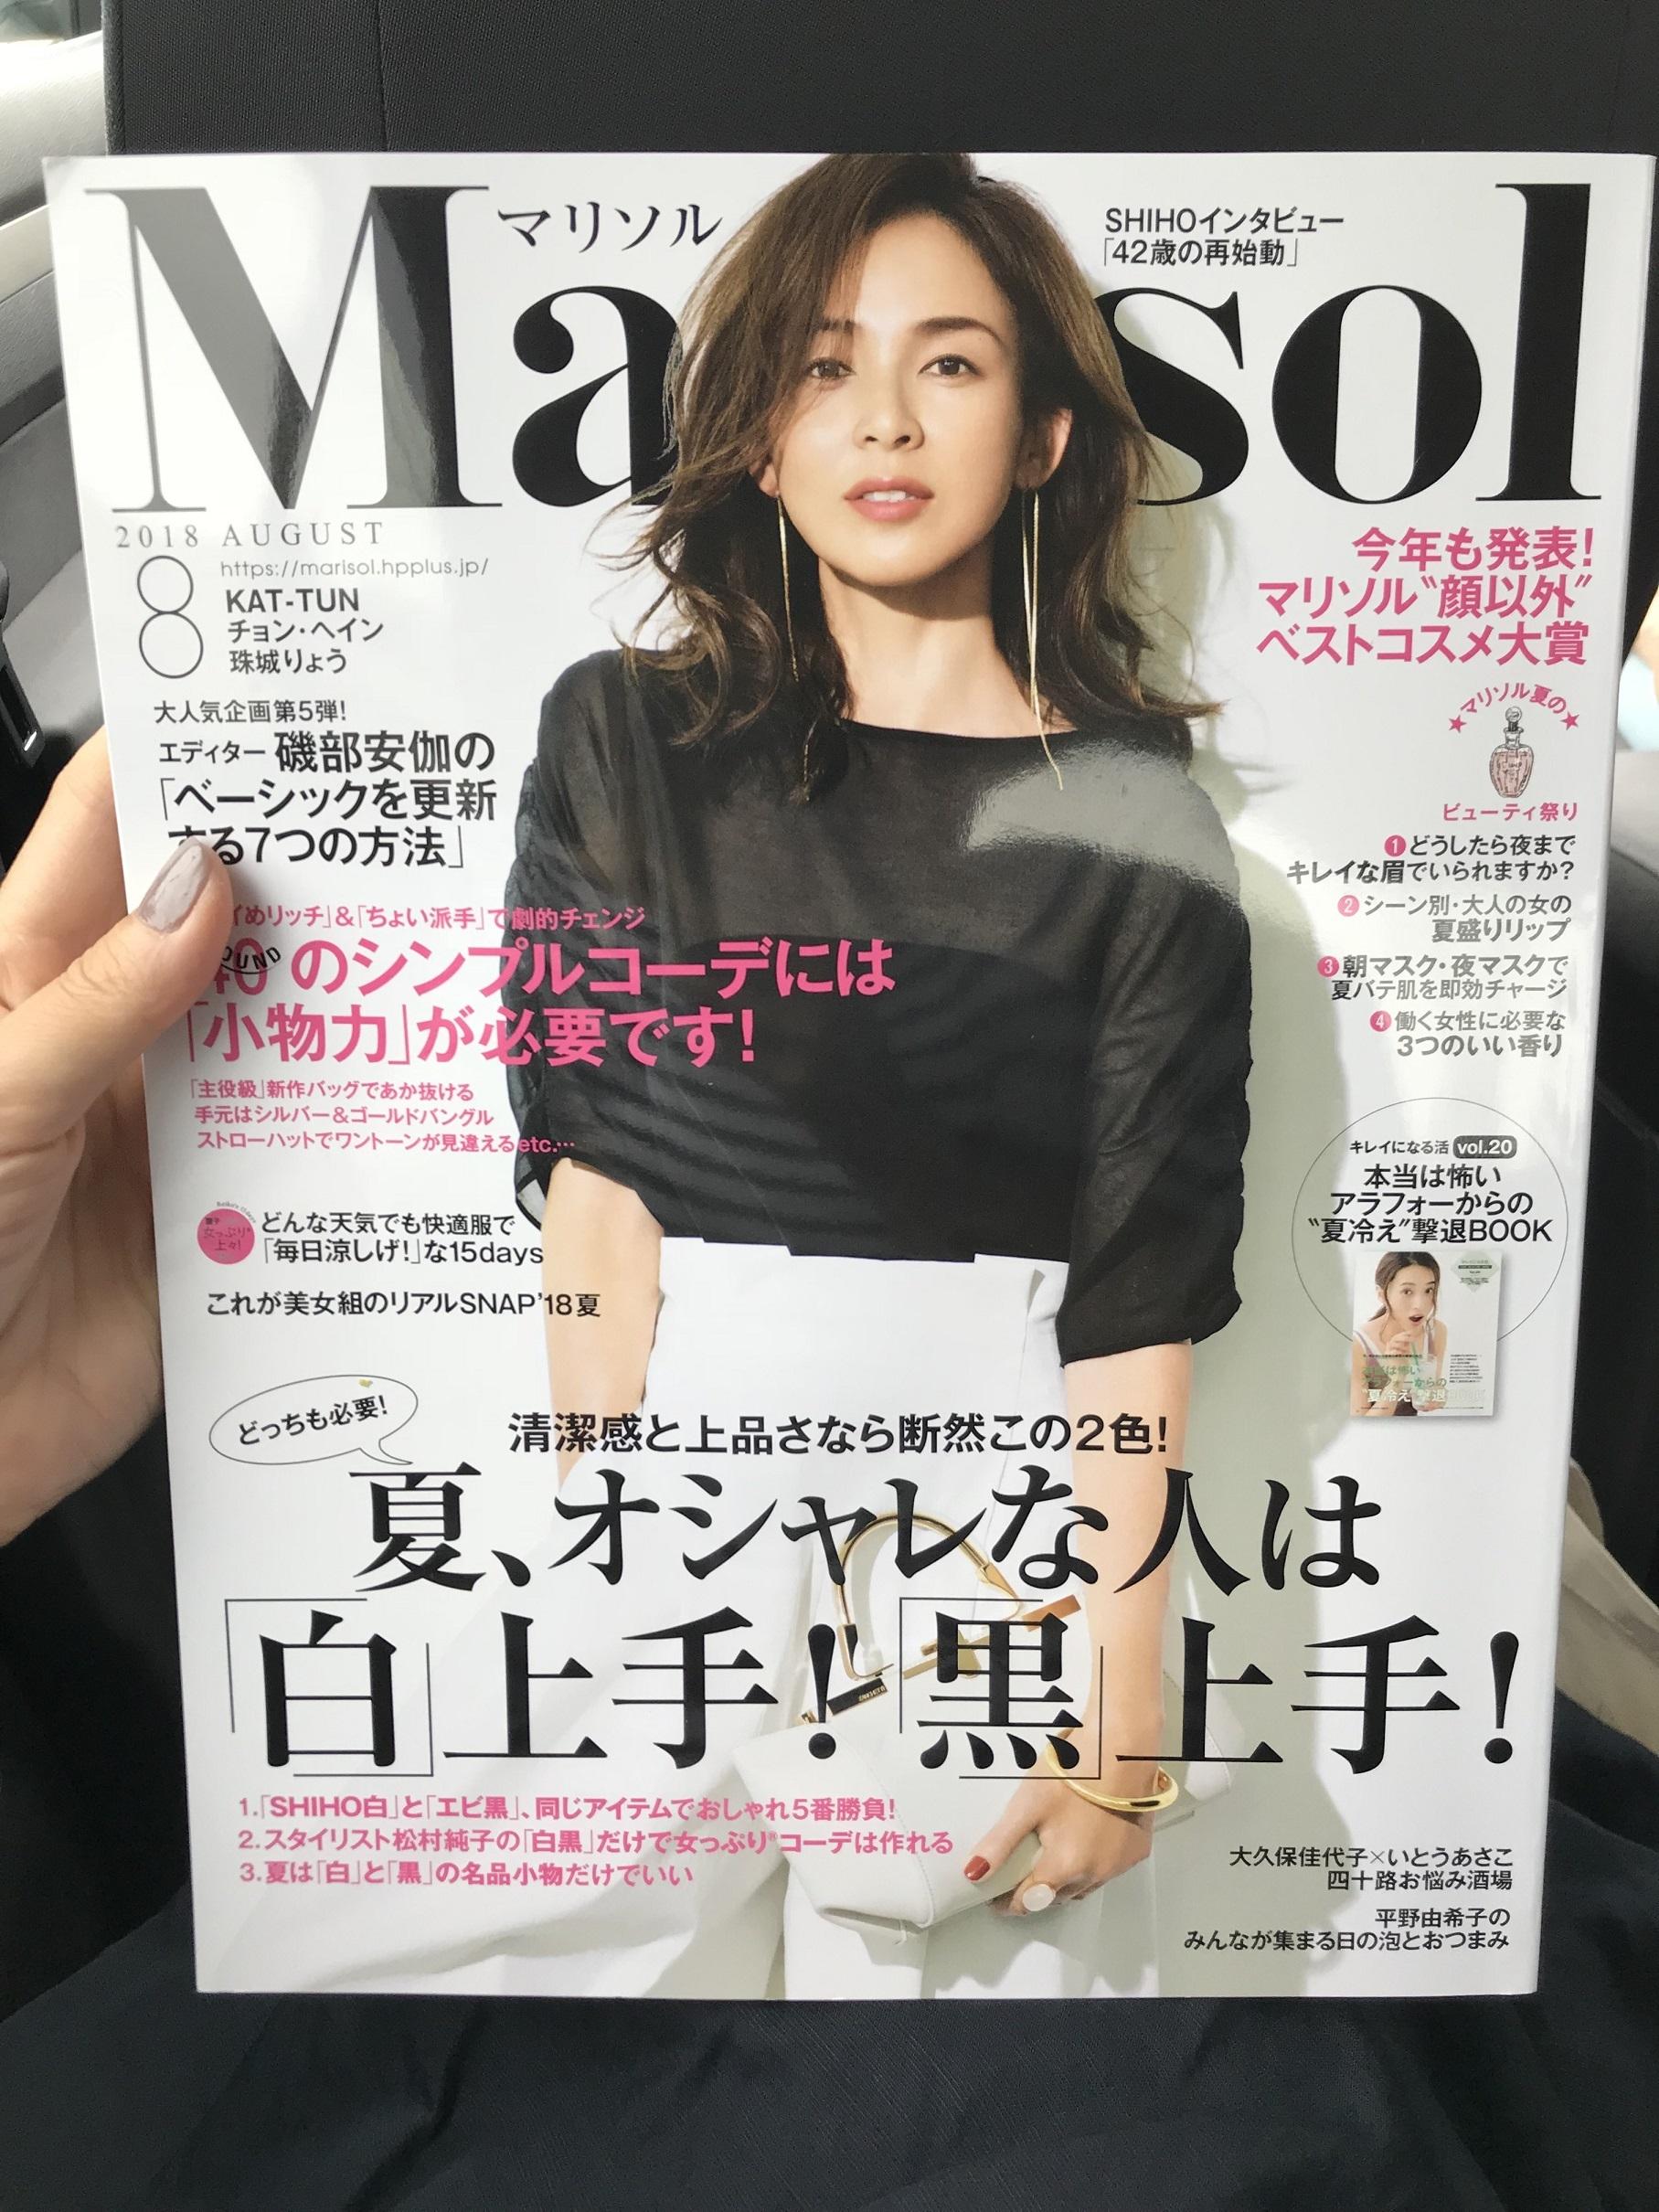 Marisol8月号♡美女組のスナップ特集はお洒落のヒントが満載です!_1_1-5